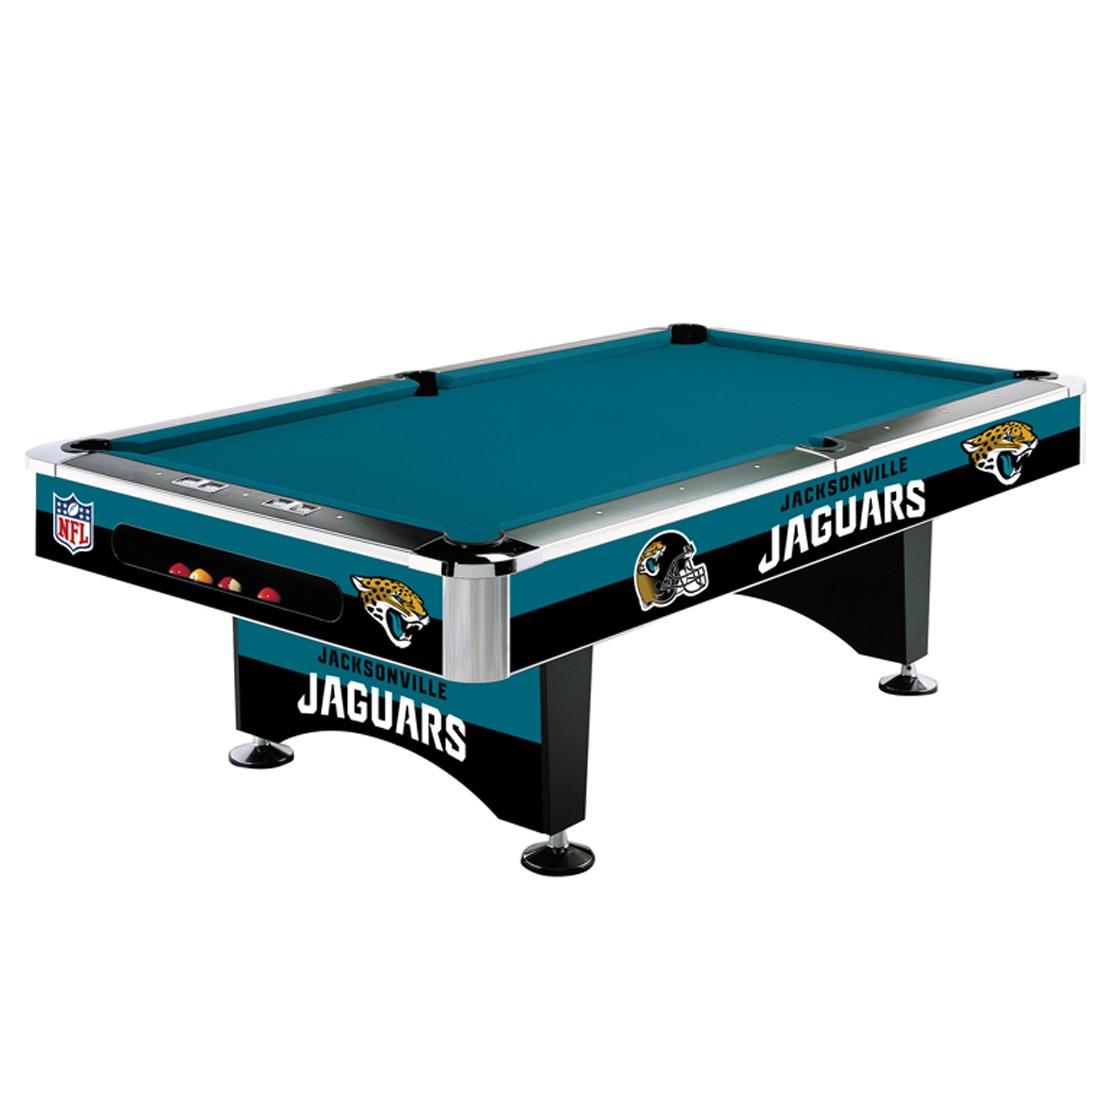 JACKSONVILLE JAGUARS 8-FT. POOL TABLE